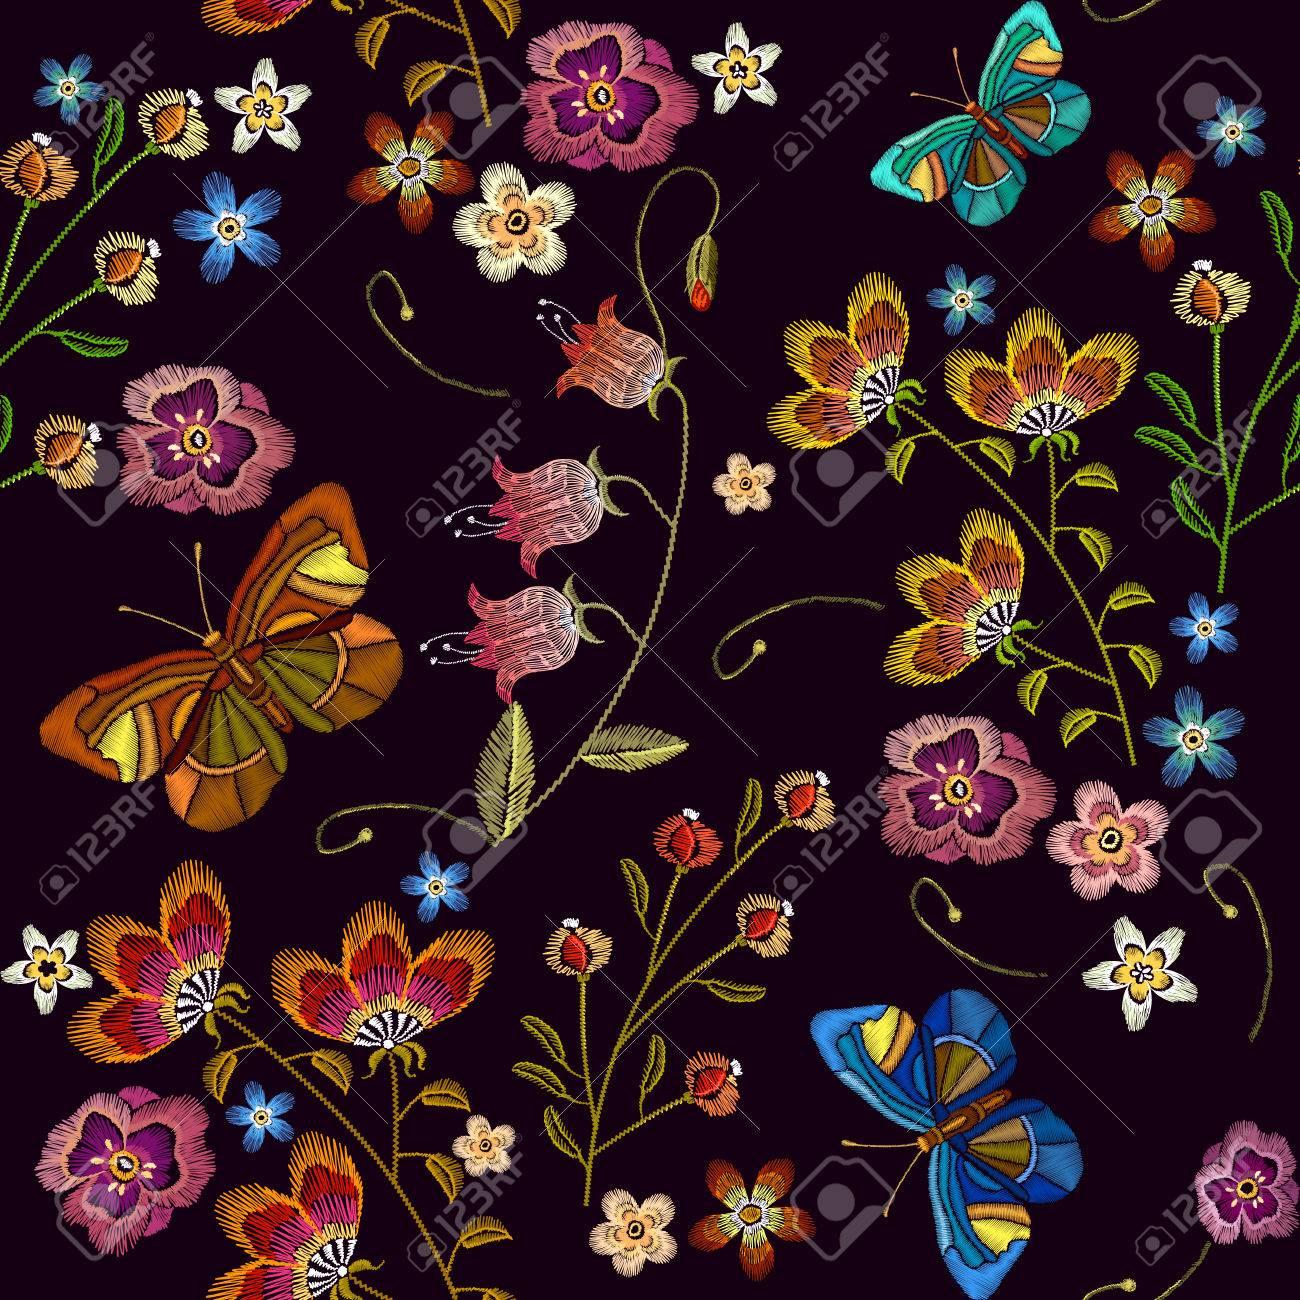 Bordado De Flores Y Mariposas De Patrones Sin Fisuras. Plantilla De ...